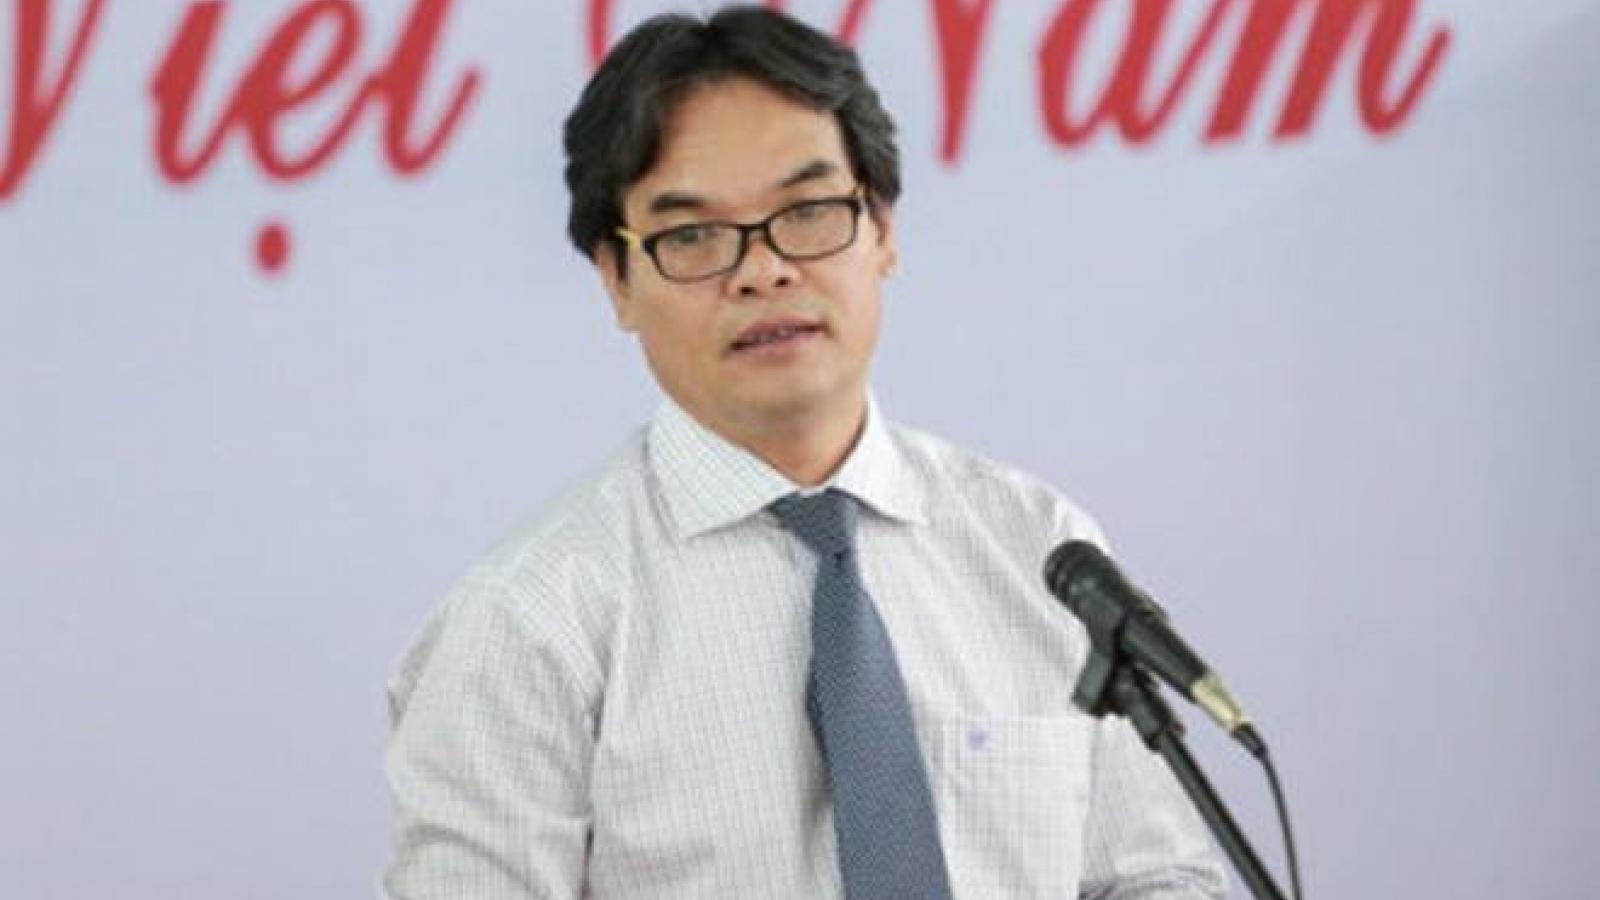 Bộ Văn hoá cho thôi chức Hiệu trưởng trường Đại học Mỹ thuật Việt Nam của ông Lê Văn Sửu